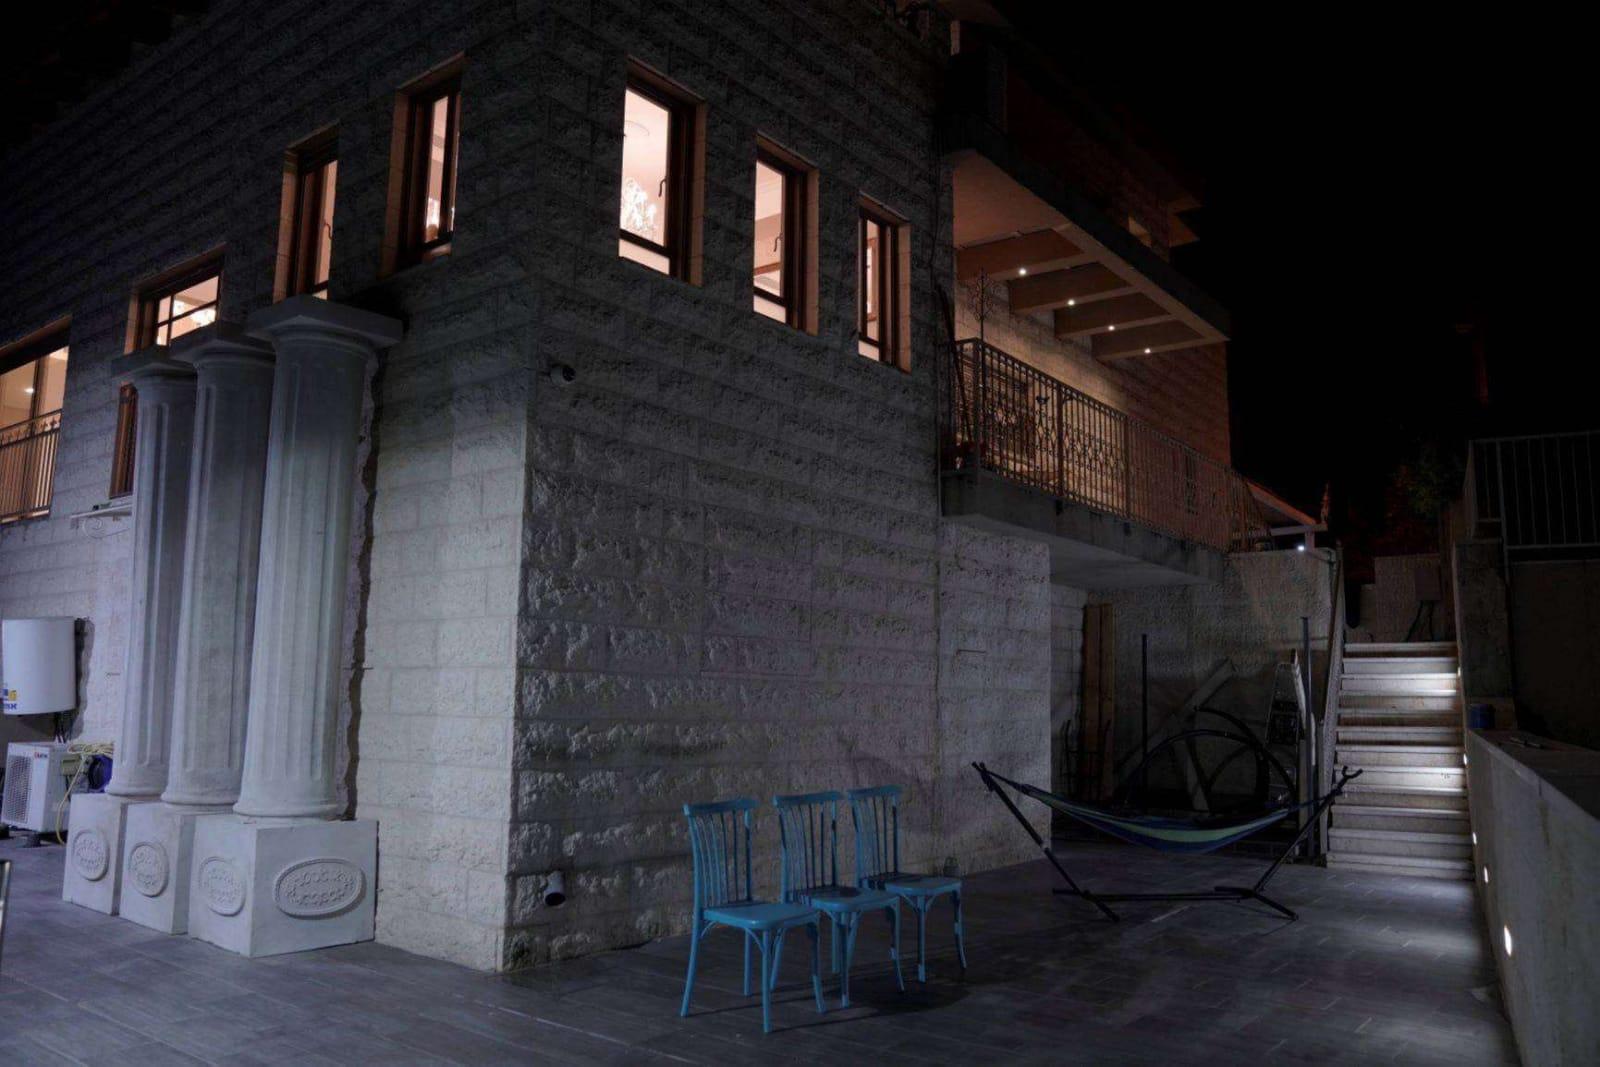 """הווילה היוקרתית אצולת אירופה בעמק האלה, הינה מבנה יוקרתי מ-2 וילות מחוברות, 300 מ""""ר בנוי, 9 חדרי שינה, 2 סלונים, 2 מטבחים 600 מ""""ר חצרות מושקעות. מדשאות וחצרות במרחבים גדולים, מערכת תאורת אוירה קסומה, ריהוט גן יוקרתי, מתקני חצר ברמה הגבוהה ביותר, מתחם בריכה וג'קוזי ספא ענק, אזור מנגל גז ופחמים עם מטבח חצר מאובזר, טרמפולינה, שולחן פינג פונג, מערכת ייחודית של ספסלי נדנדות וערסלים. נוף פסטורלי פנורמי מכל כיוון בוילה ובחצרות, קו ראשון לנוף המרהיב שלעמקהאלהההיסטורי. מיקום מנצח, סמוך לבית שמש ולמרכזי הקניות ושירותים חיוניים, נגישות תחבורתית מכל הארץ. להנות מחופשה קסומה מבלי לנדוד עד לצפון!"""